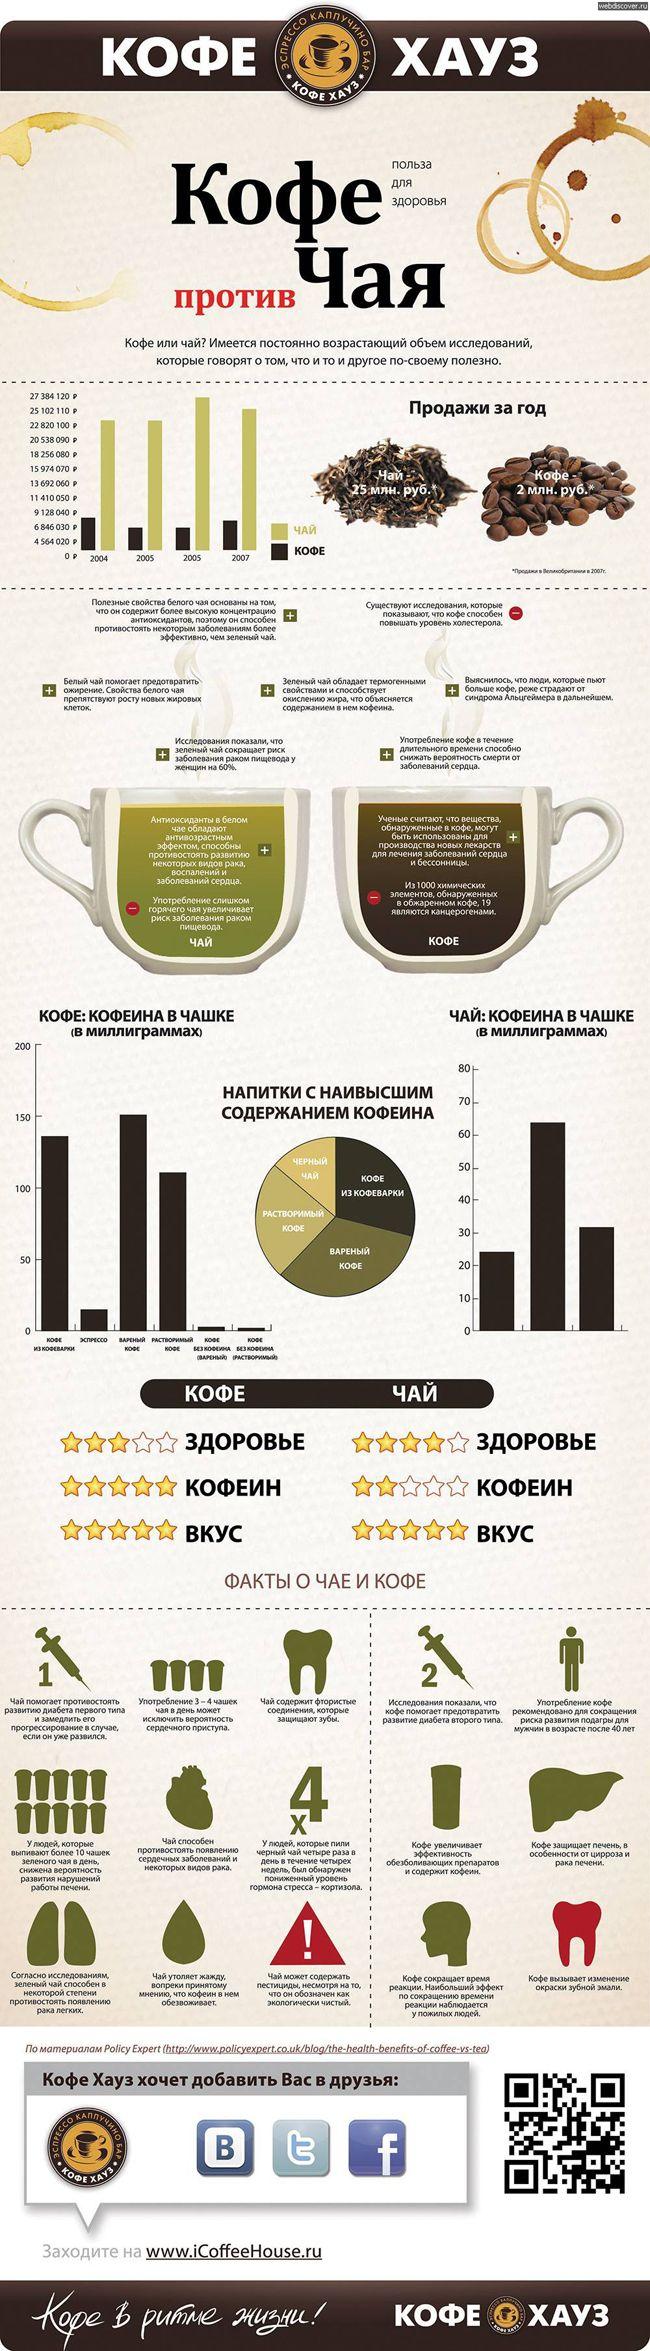 Инфографика: из инструмента контент-маркетинга - в инструмент PR